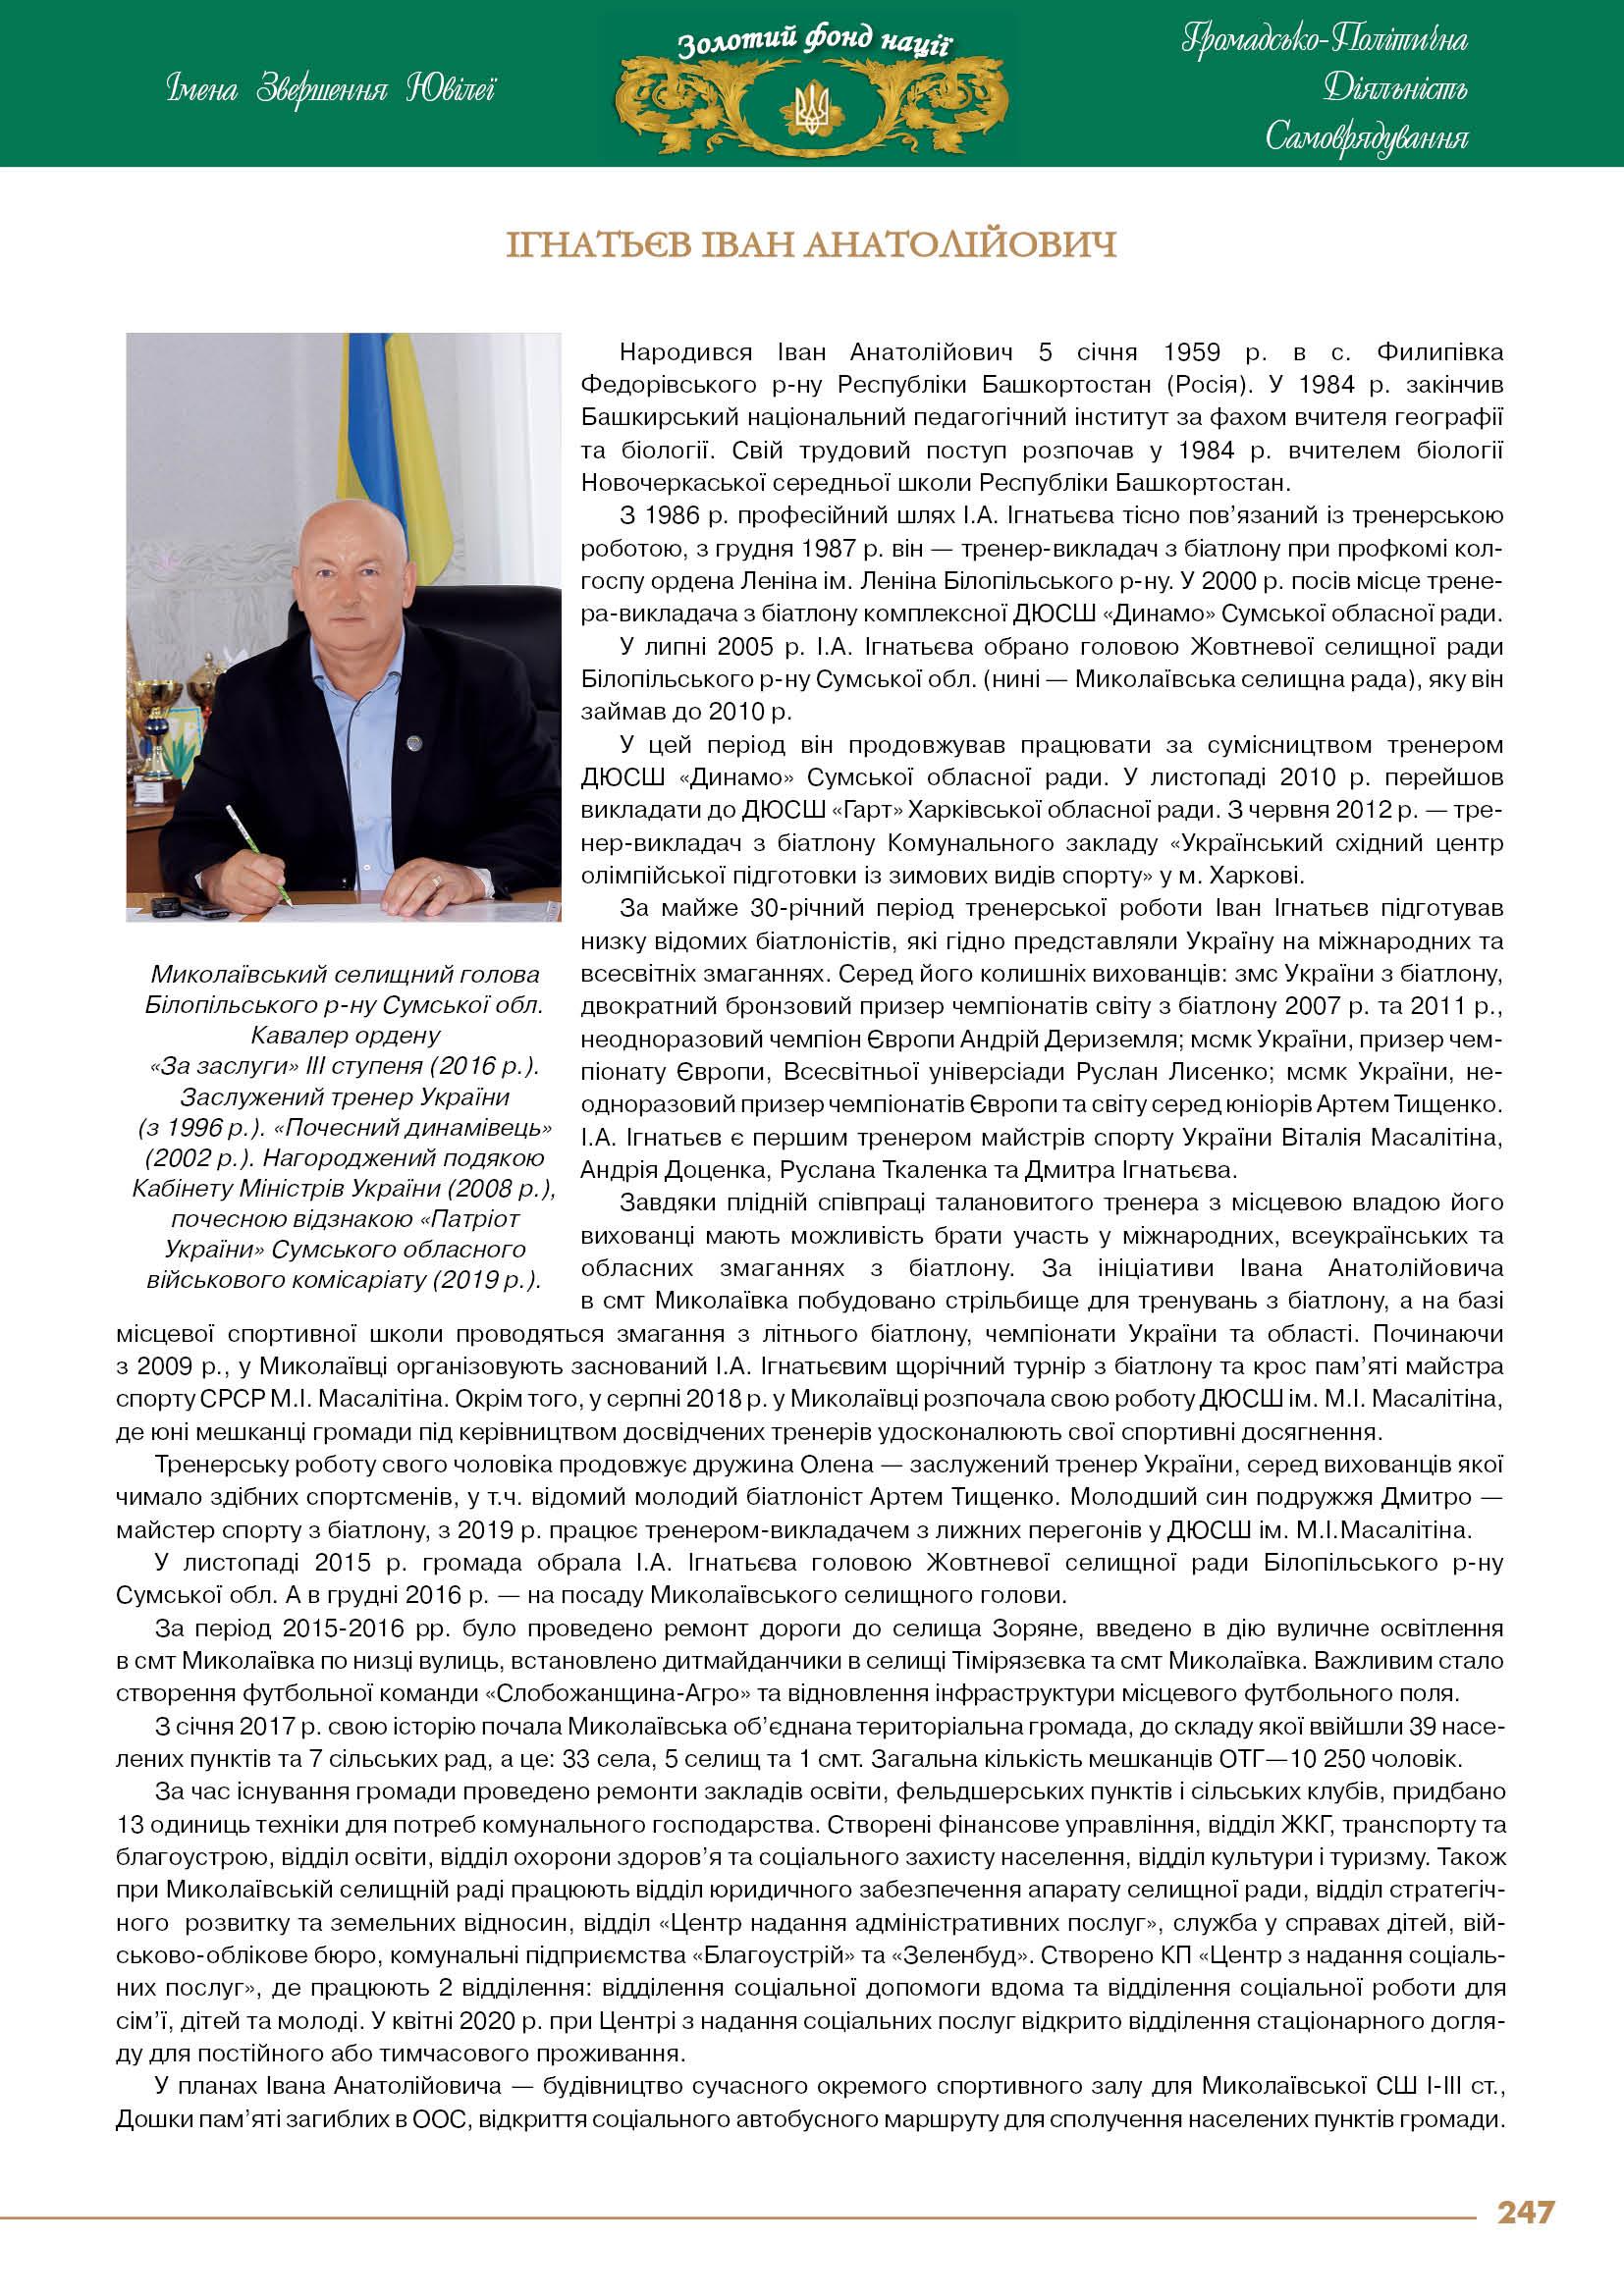 Ігнатьєв Іван Анатолійович